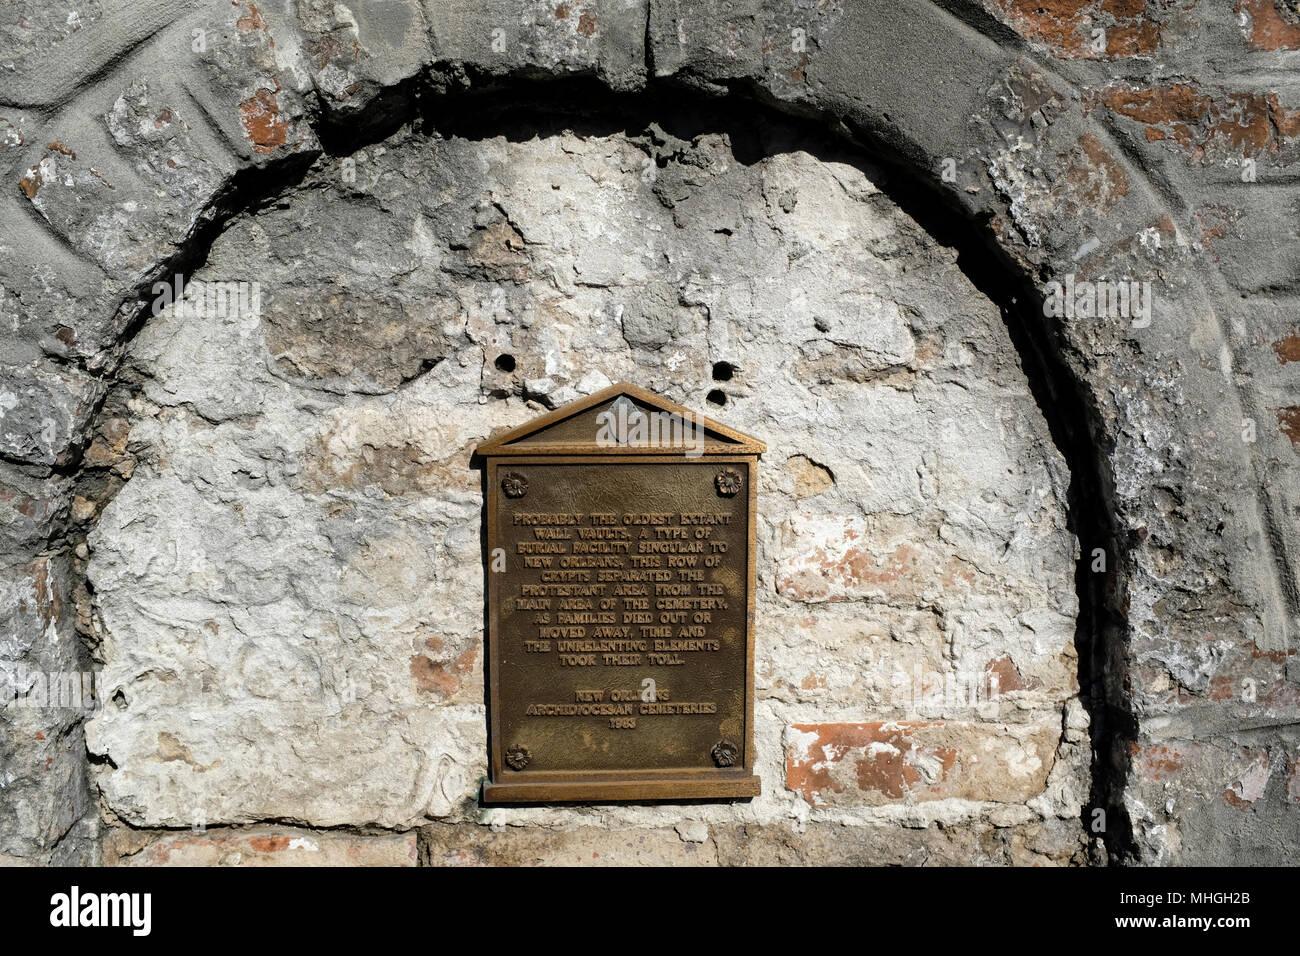 Antiguo almacén de pared en el cementerio de San Luis número 1, Nueva Orleans, Luisiana Imagen De Stock